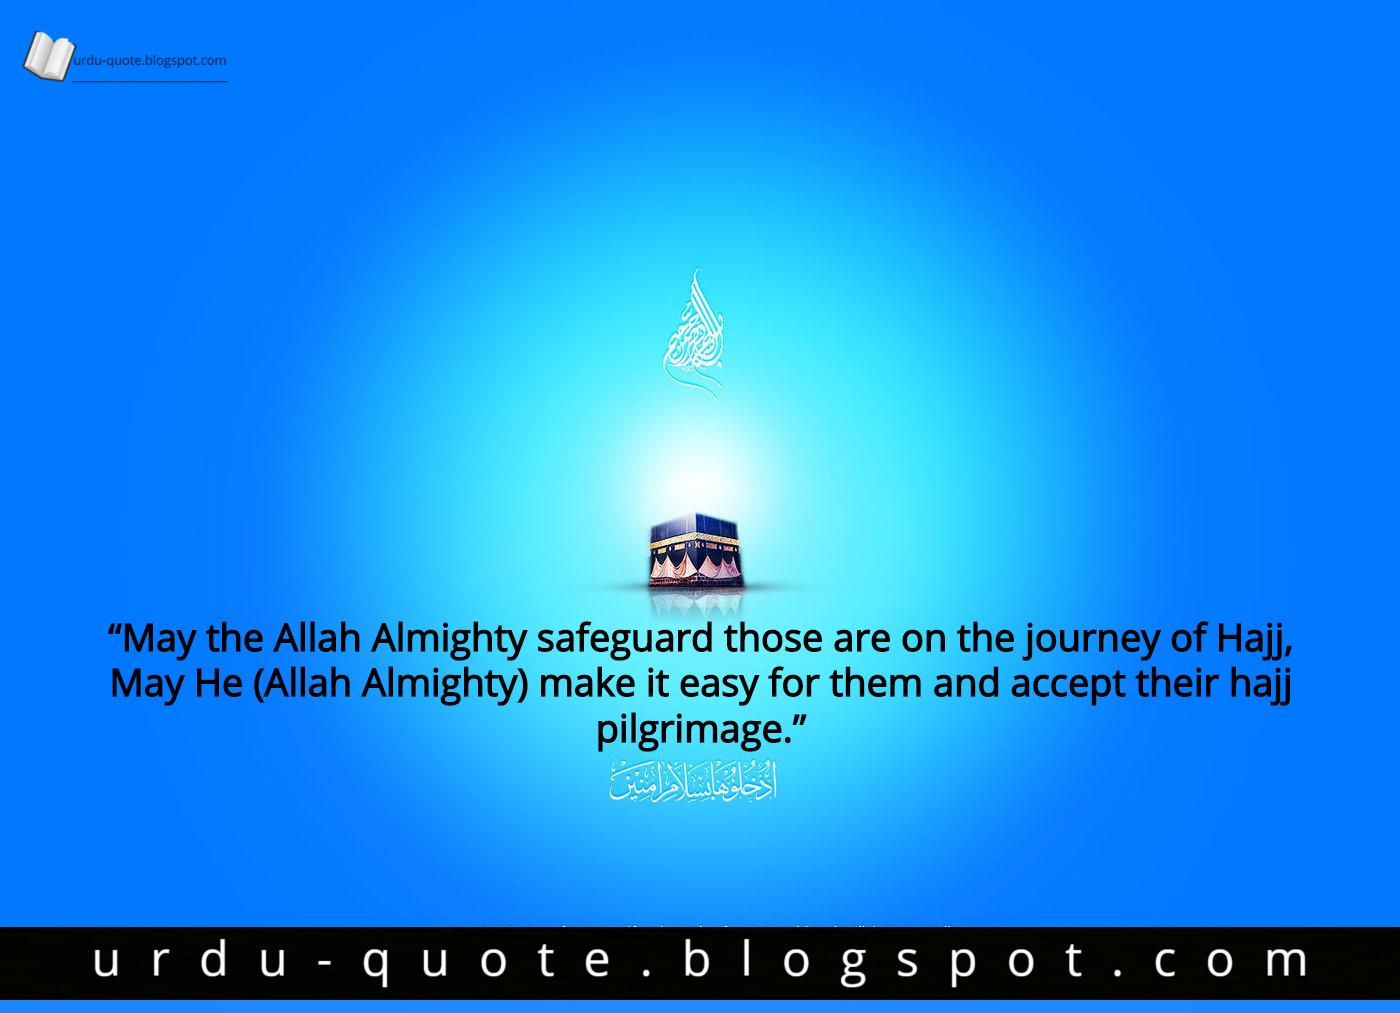 Urdu Quotes | Best Urdu Quotes | Famous Urdu Quotes: Hajj Quotes